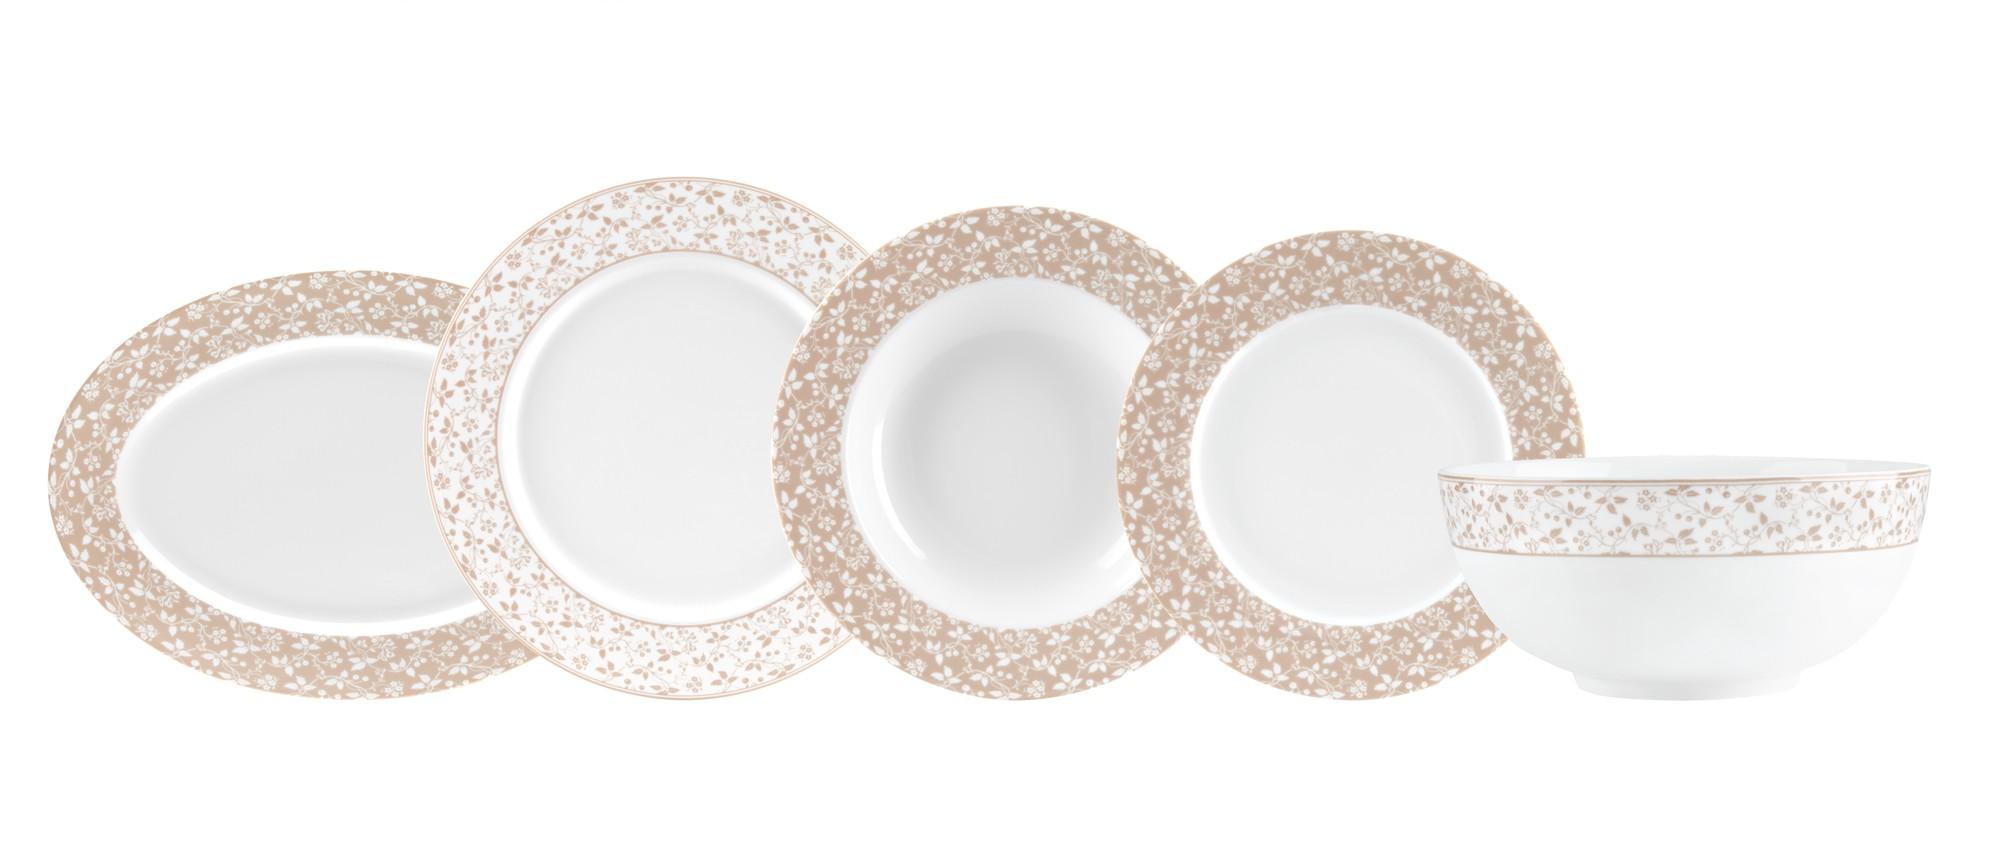 Σερβίτσιο Φαγητού Epoch 20τμχ. Ionia home   ειδη σερβιρισματος   πιάτα   σερβίτσια